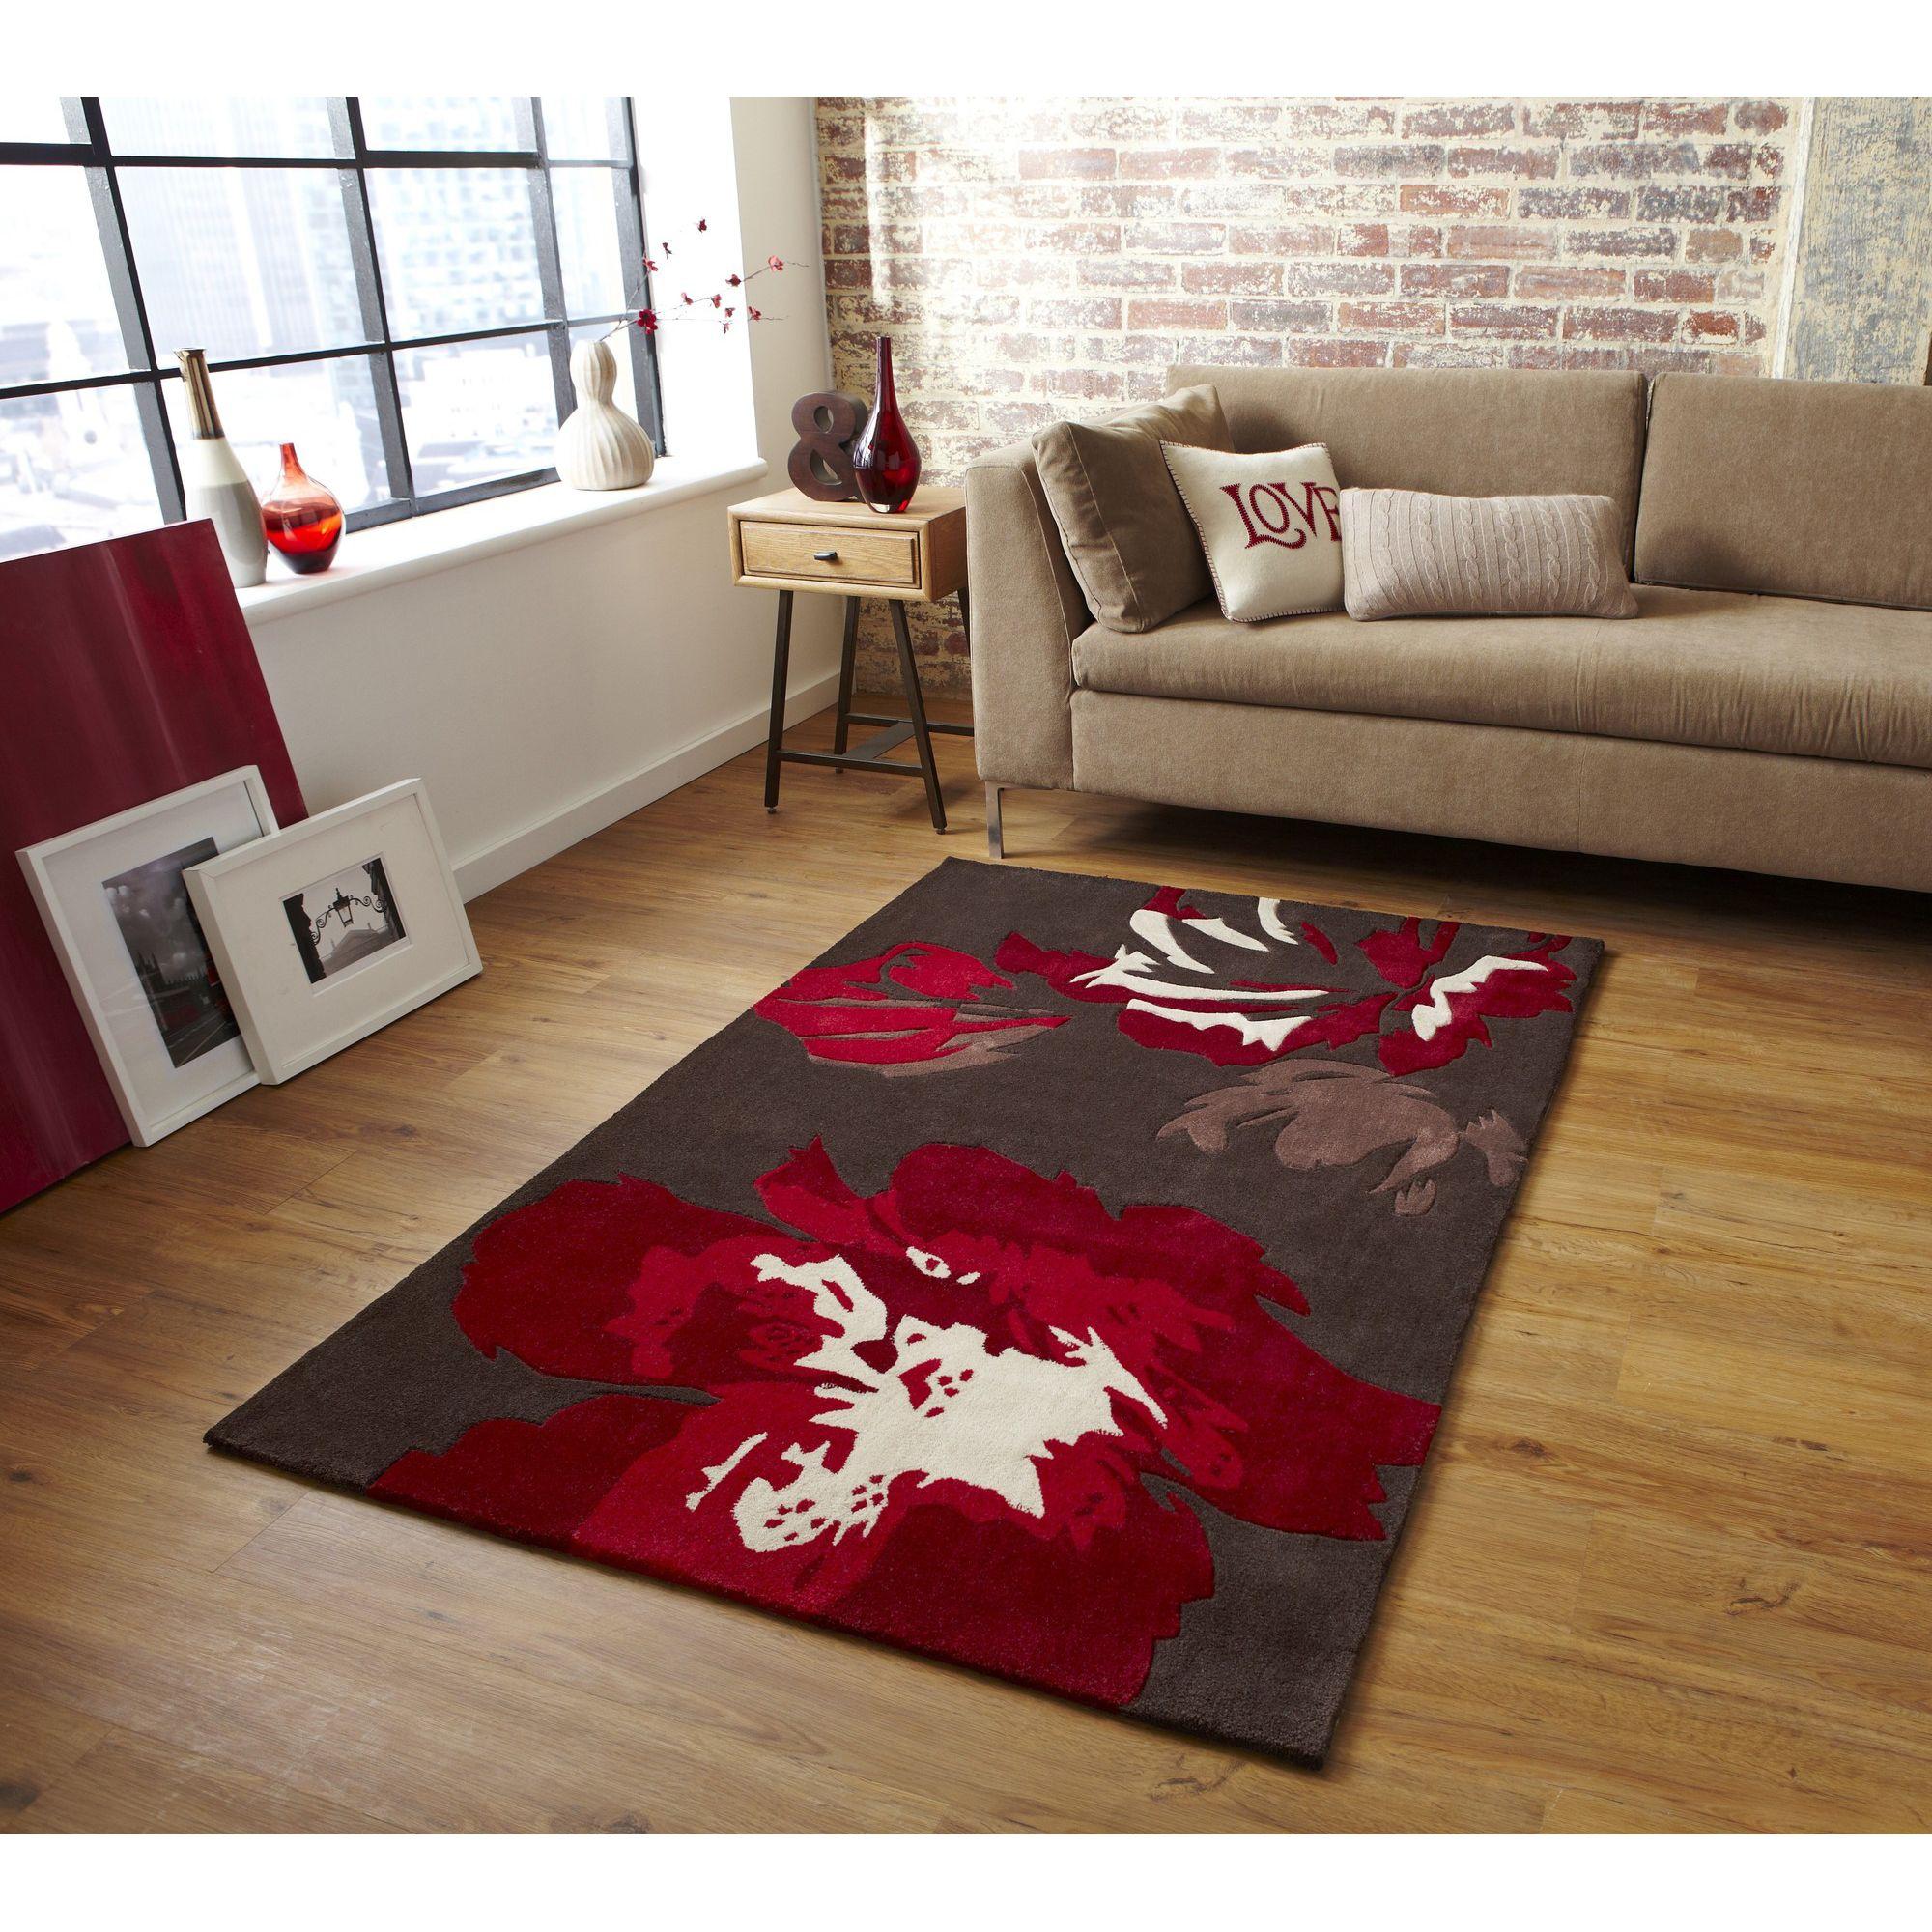 Oriental Carpets & Rugs Hong Kong 2827 Brown/Red Rug - 120cm x 170cm